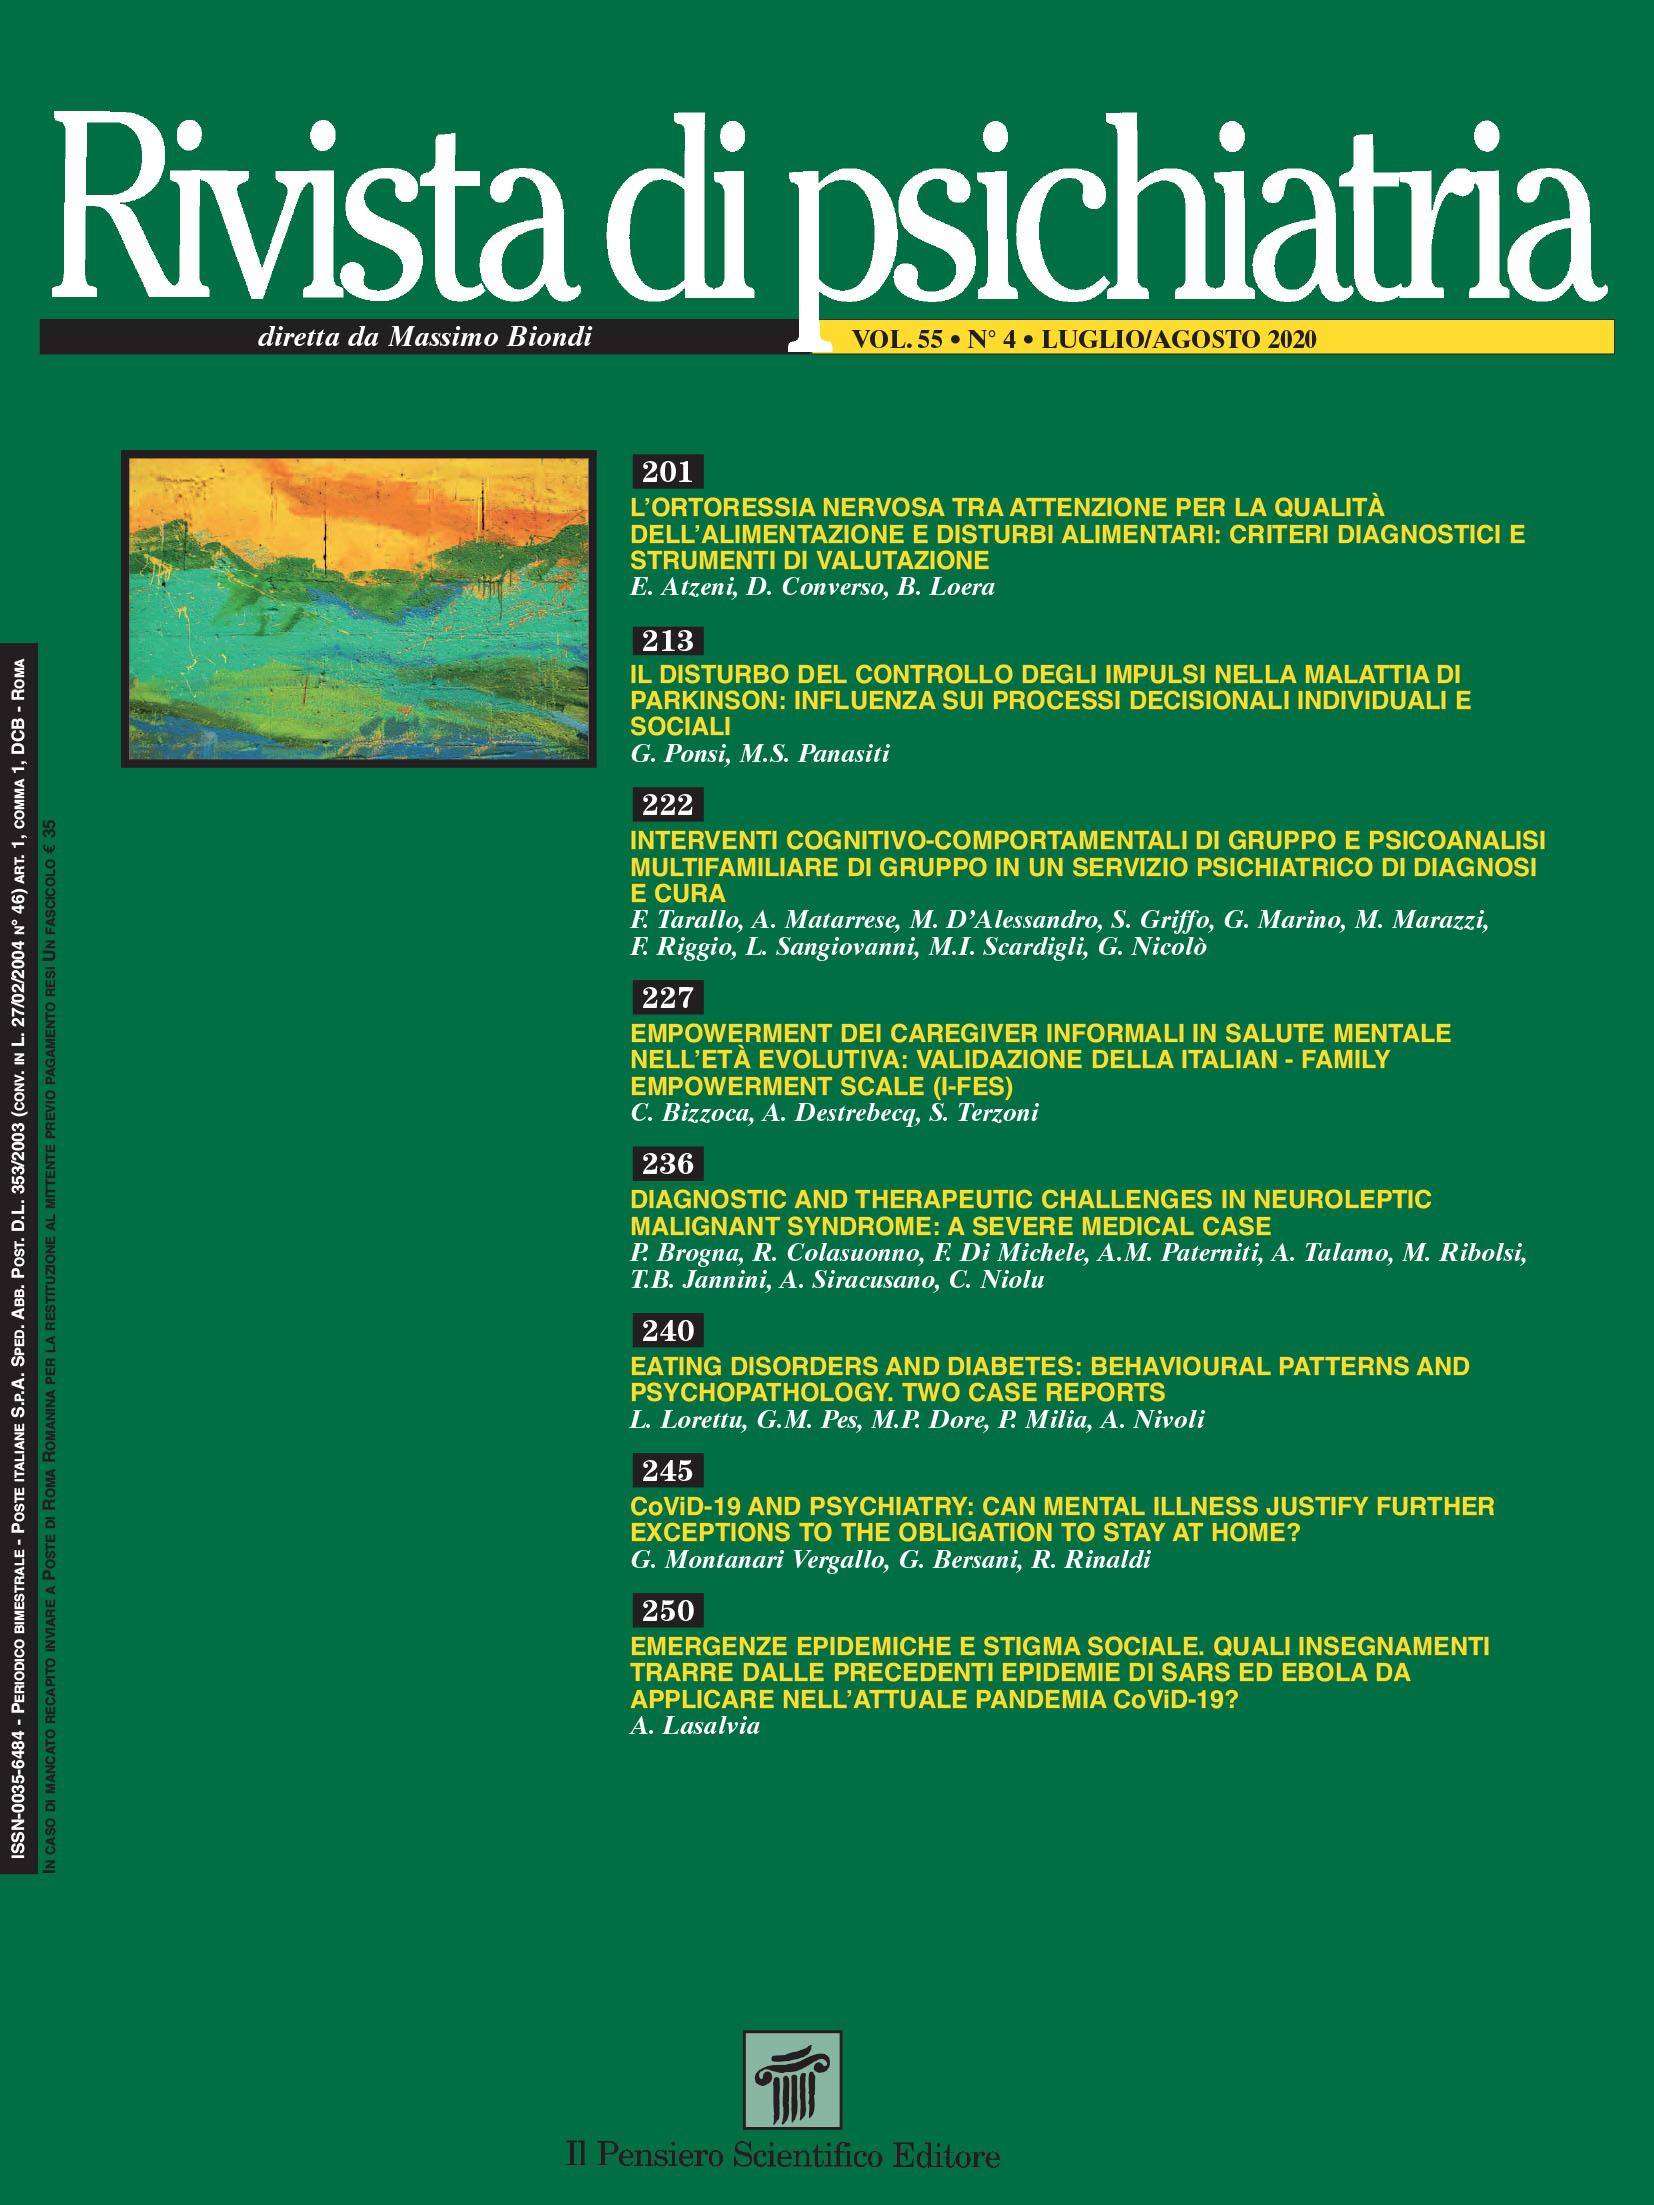 2020 Vol. 55 N. 4 July-August